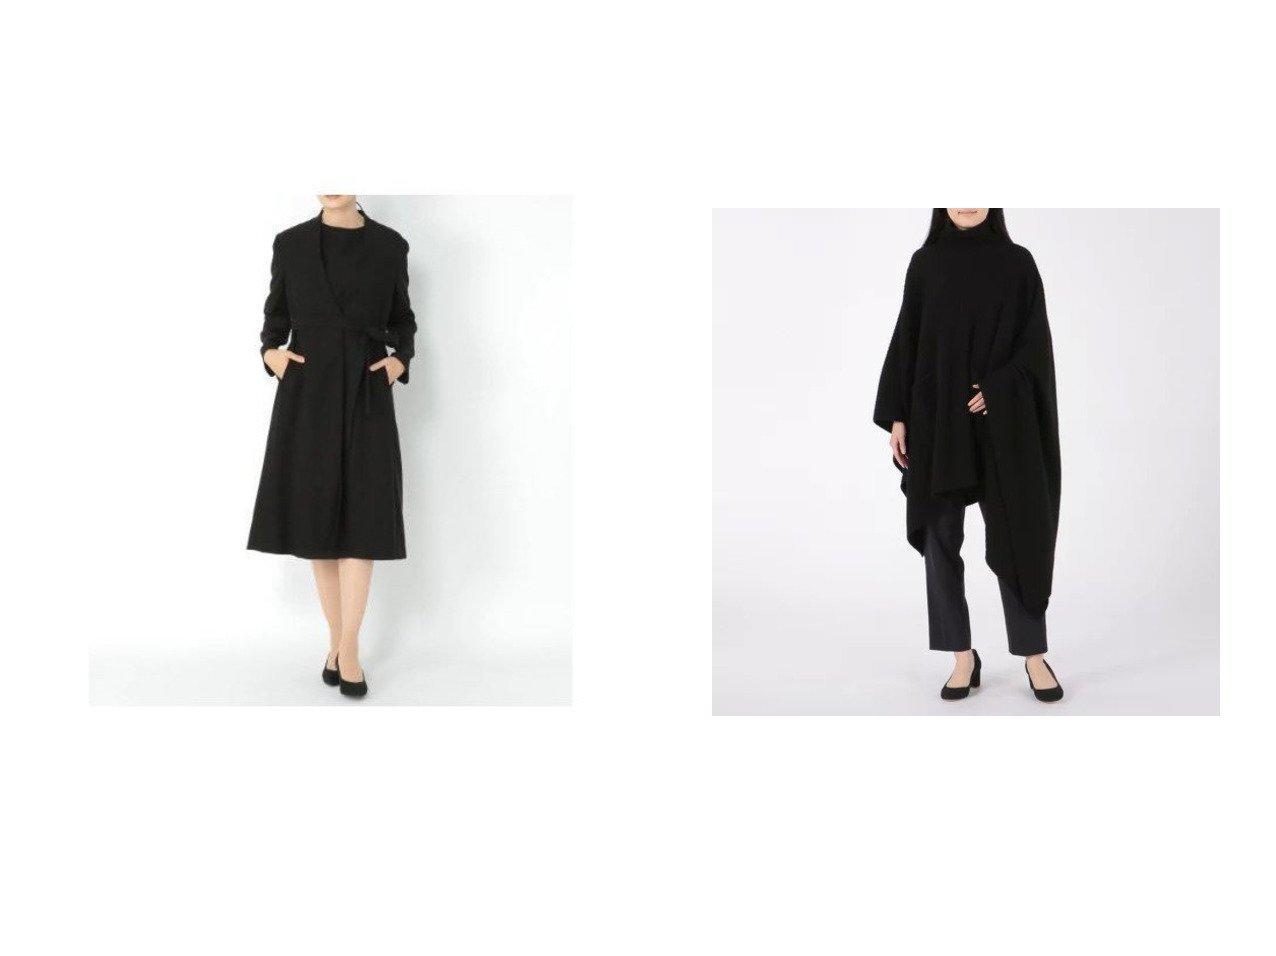 【CASSY PRIVE/キャシープリヴェ】のカシミヤ7Gリブニットポンチョ&【Elura/エルーラ】のブラックコート アウターのおすすめ!人気、レディースファッションの通販 おすすめで人気のファッション通販商品 インテリア・家具・キッズファッション・メンズファッション・レディースファッション・服の通販 founy(ファニー) https://founy.com/ ファッション Fashion レディース WOMEN アウター Coat Outerwear コート Coats ポンチョ Ponchos トップス Tops Tshirt ニット Knit Tops タートルネック Turtleneck ストレッチ スマート ロング 冬 Winter カシミヤ シンプル スタイリッシュ セーター タートルネック フロント ポケット ポンチョ 今季 |ID:crp329100000001712